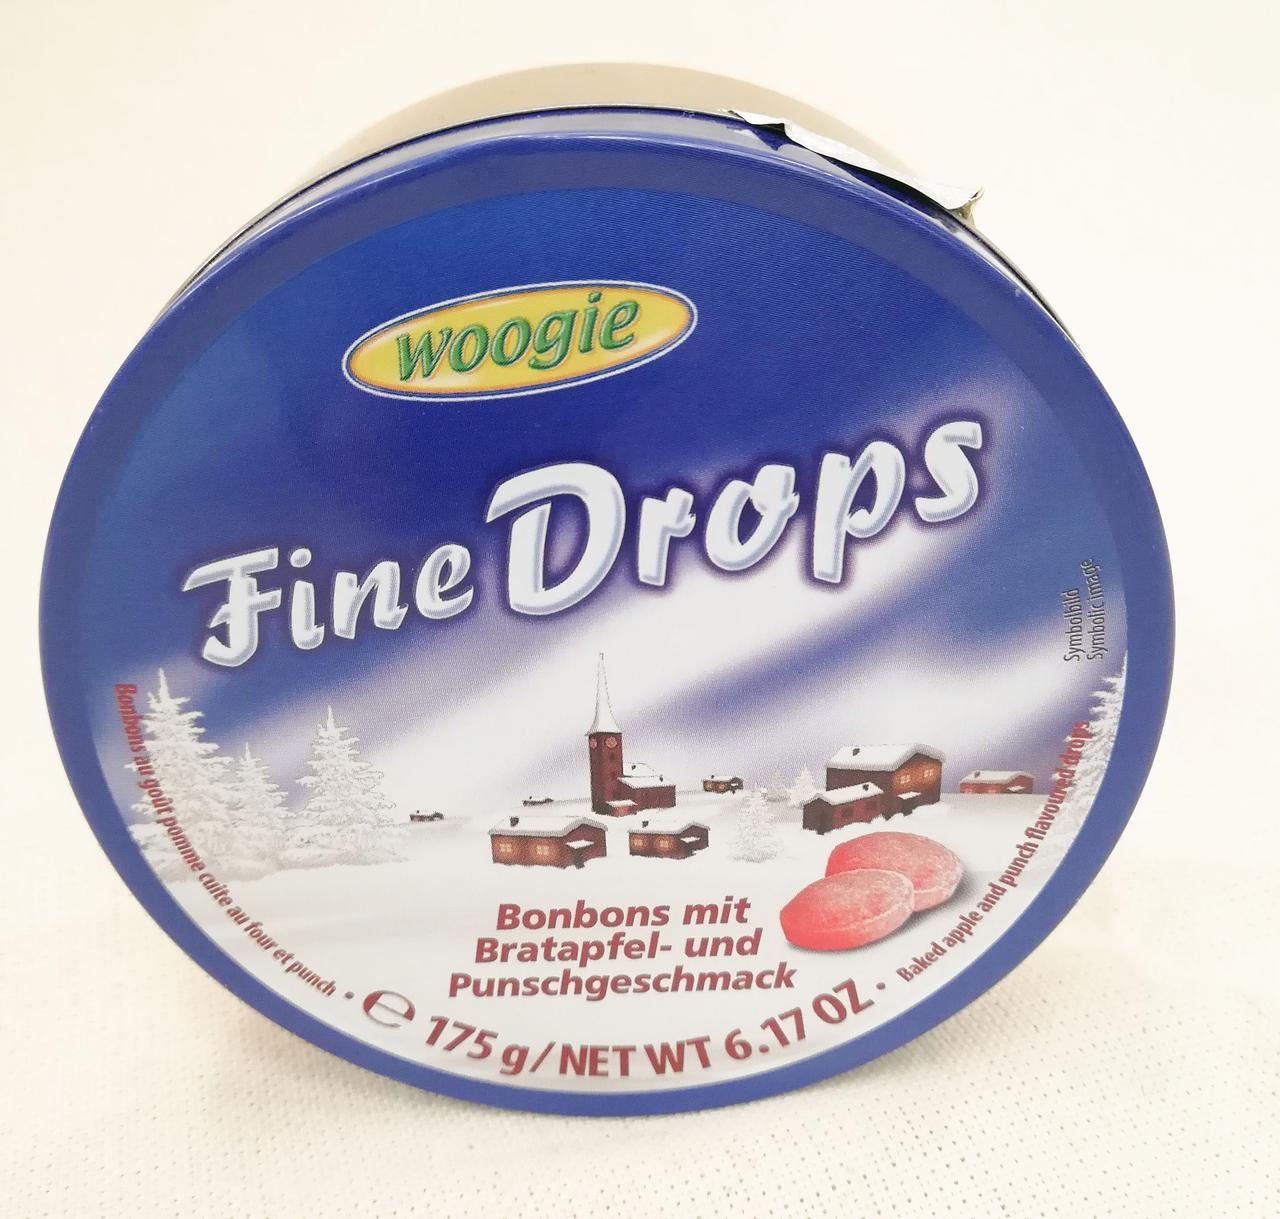 Woogie Fine Drops Bratapfel - und Punschgeschmack